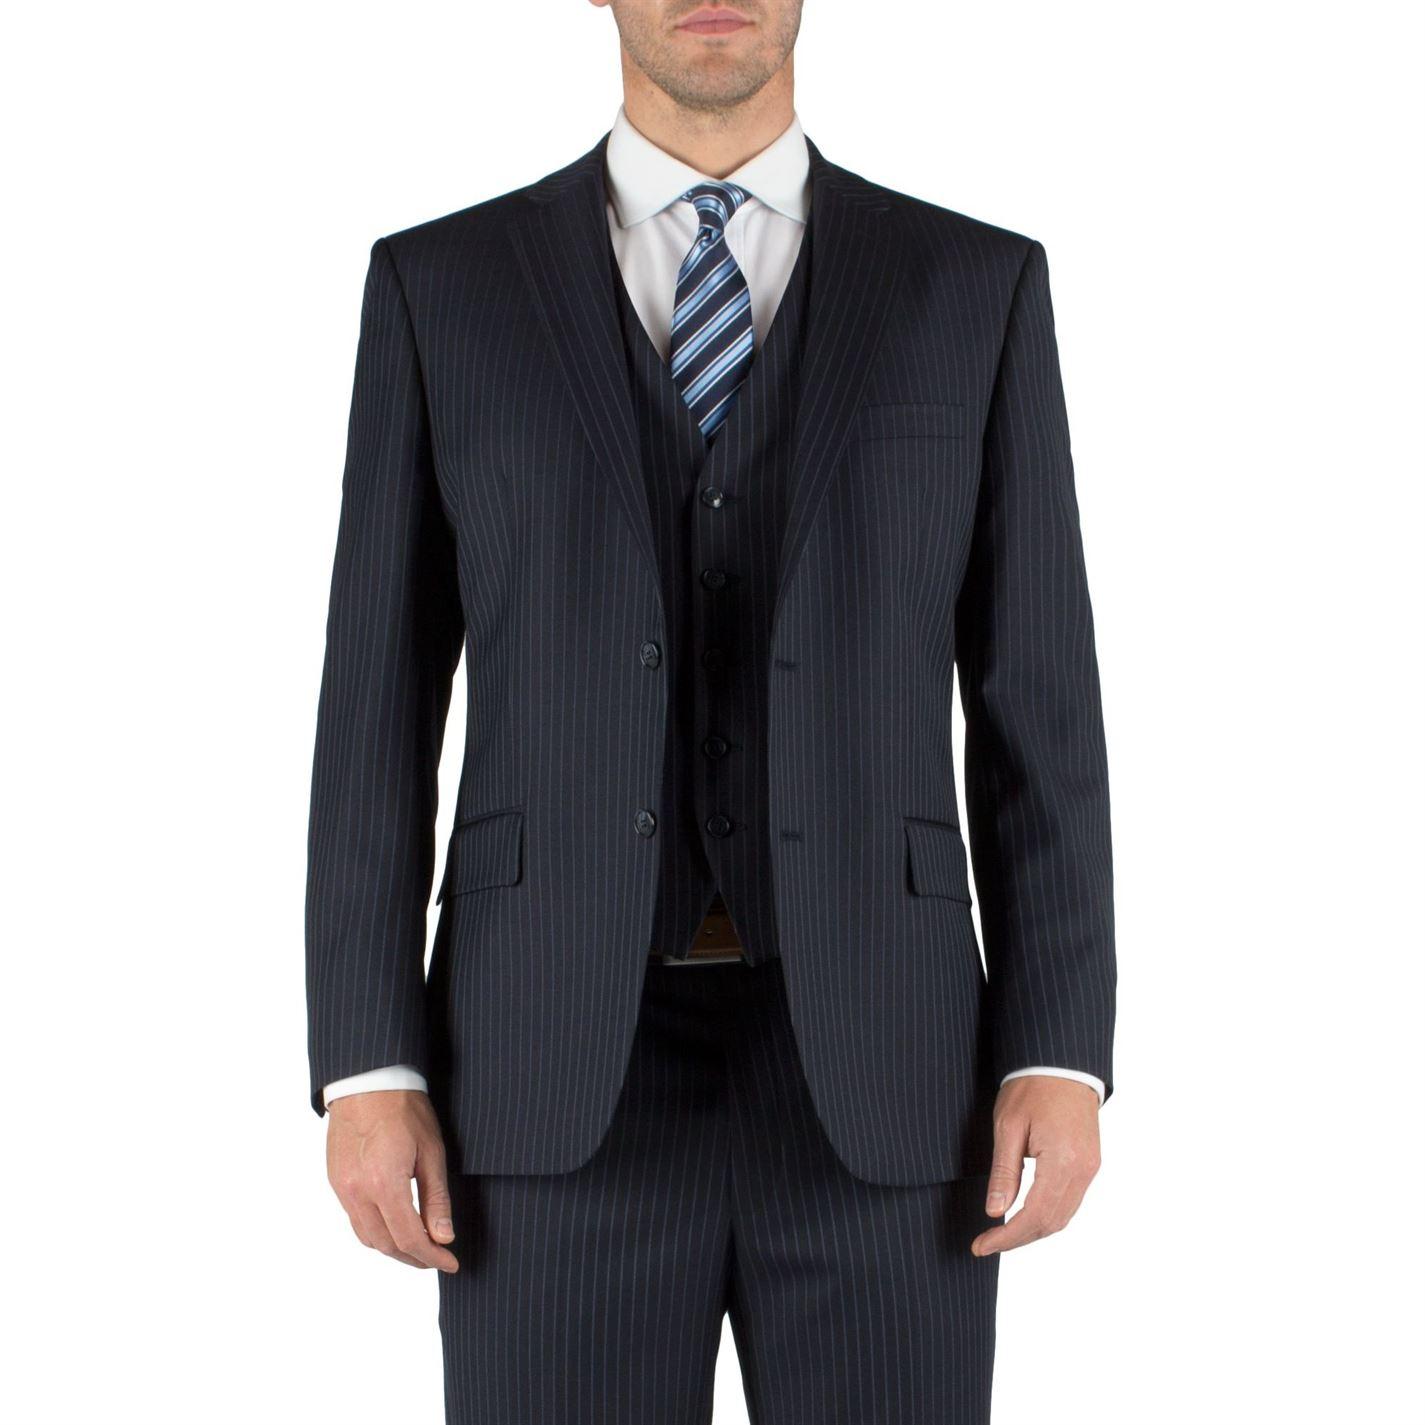 Pierre Cardin Stripe single breasted suit jacket